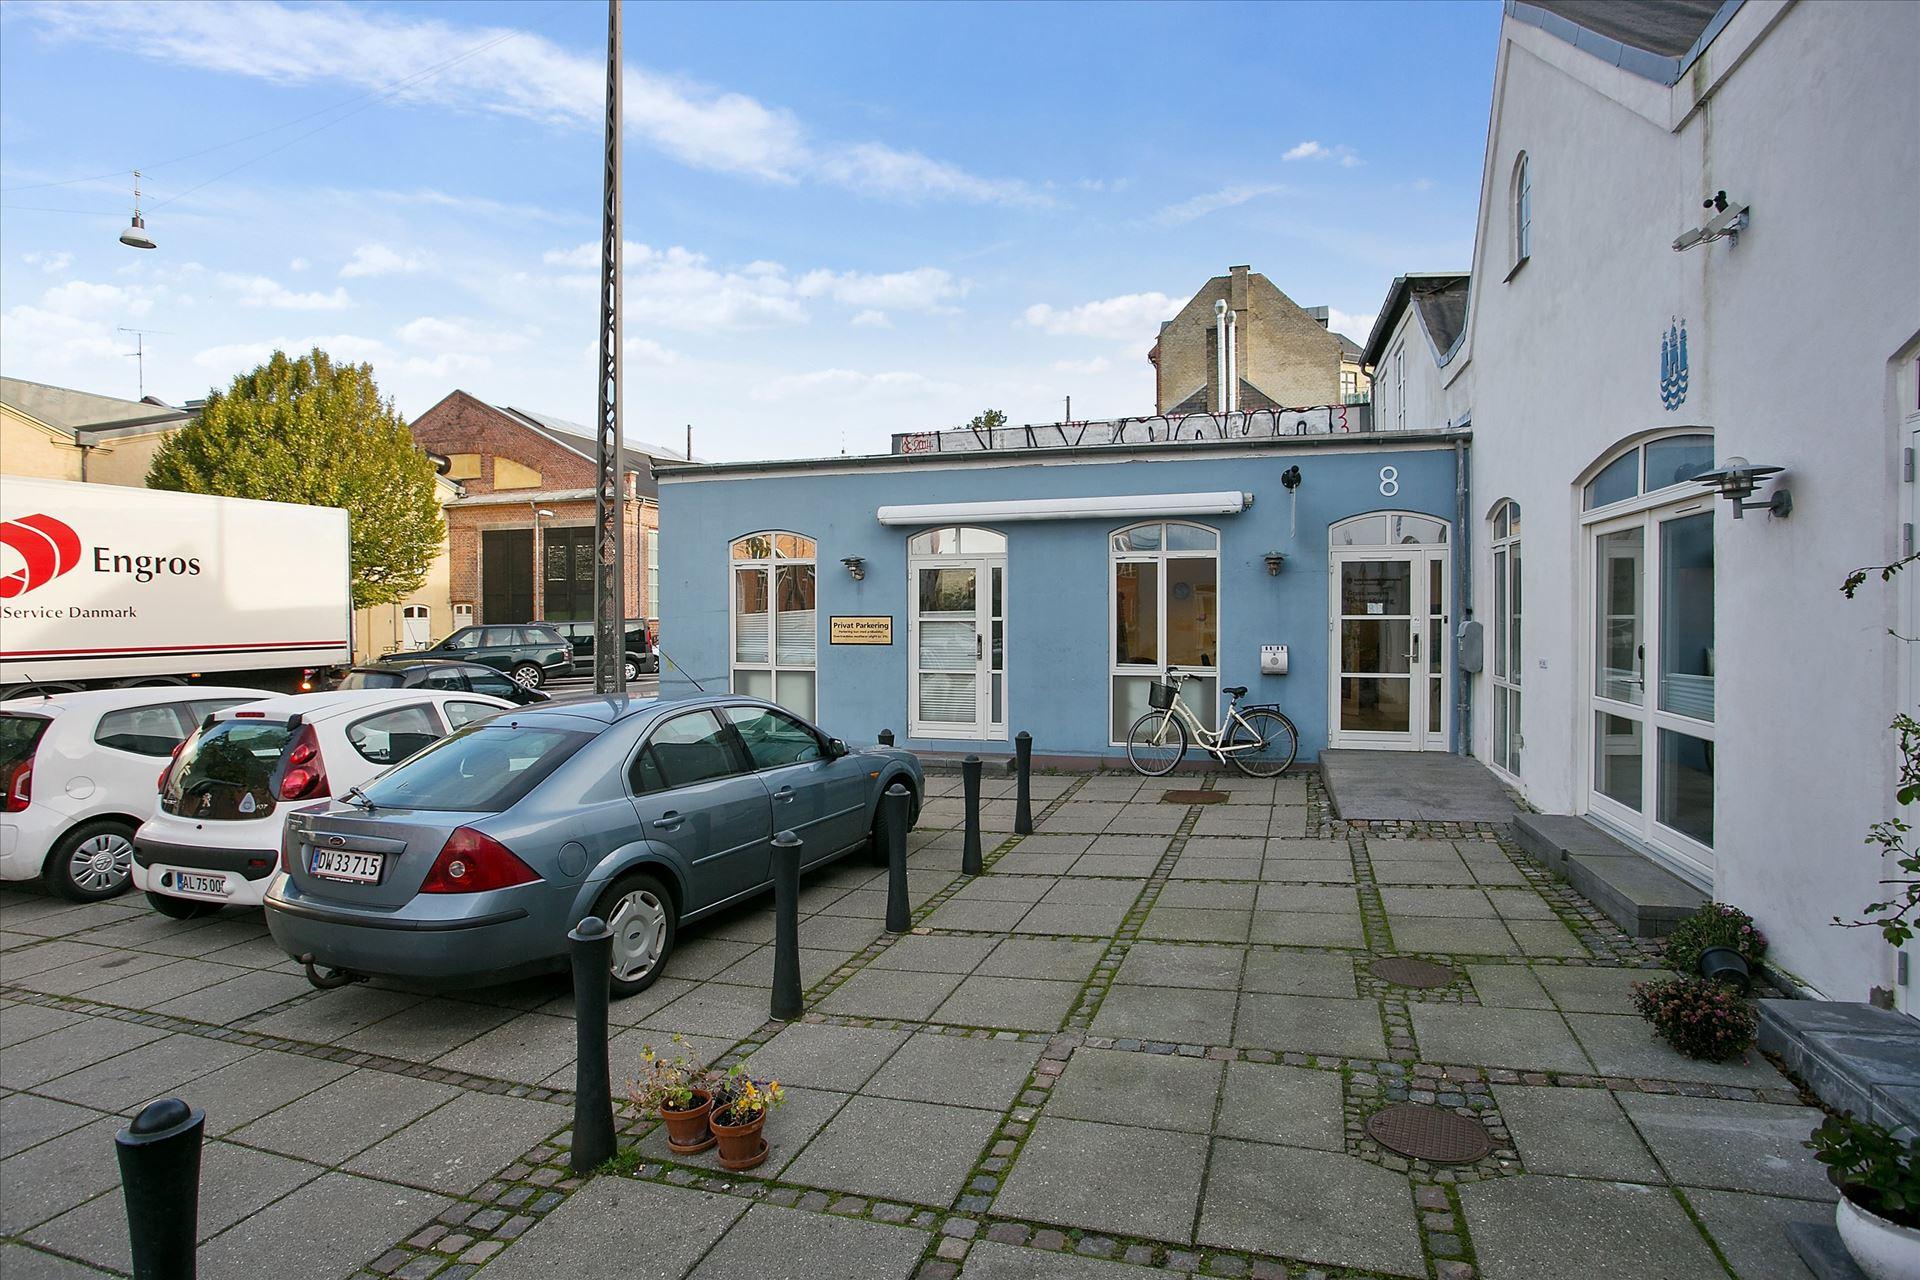 343 m² café/kontor ved Nørrebro st.